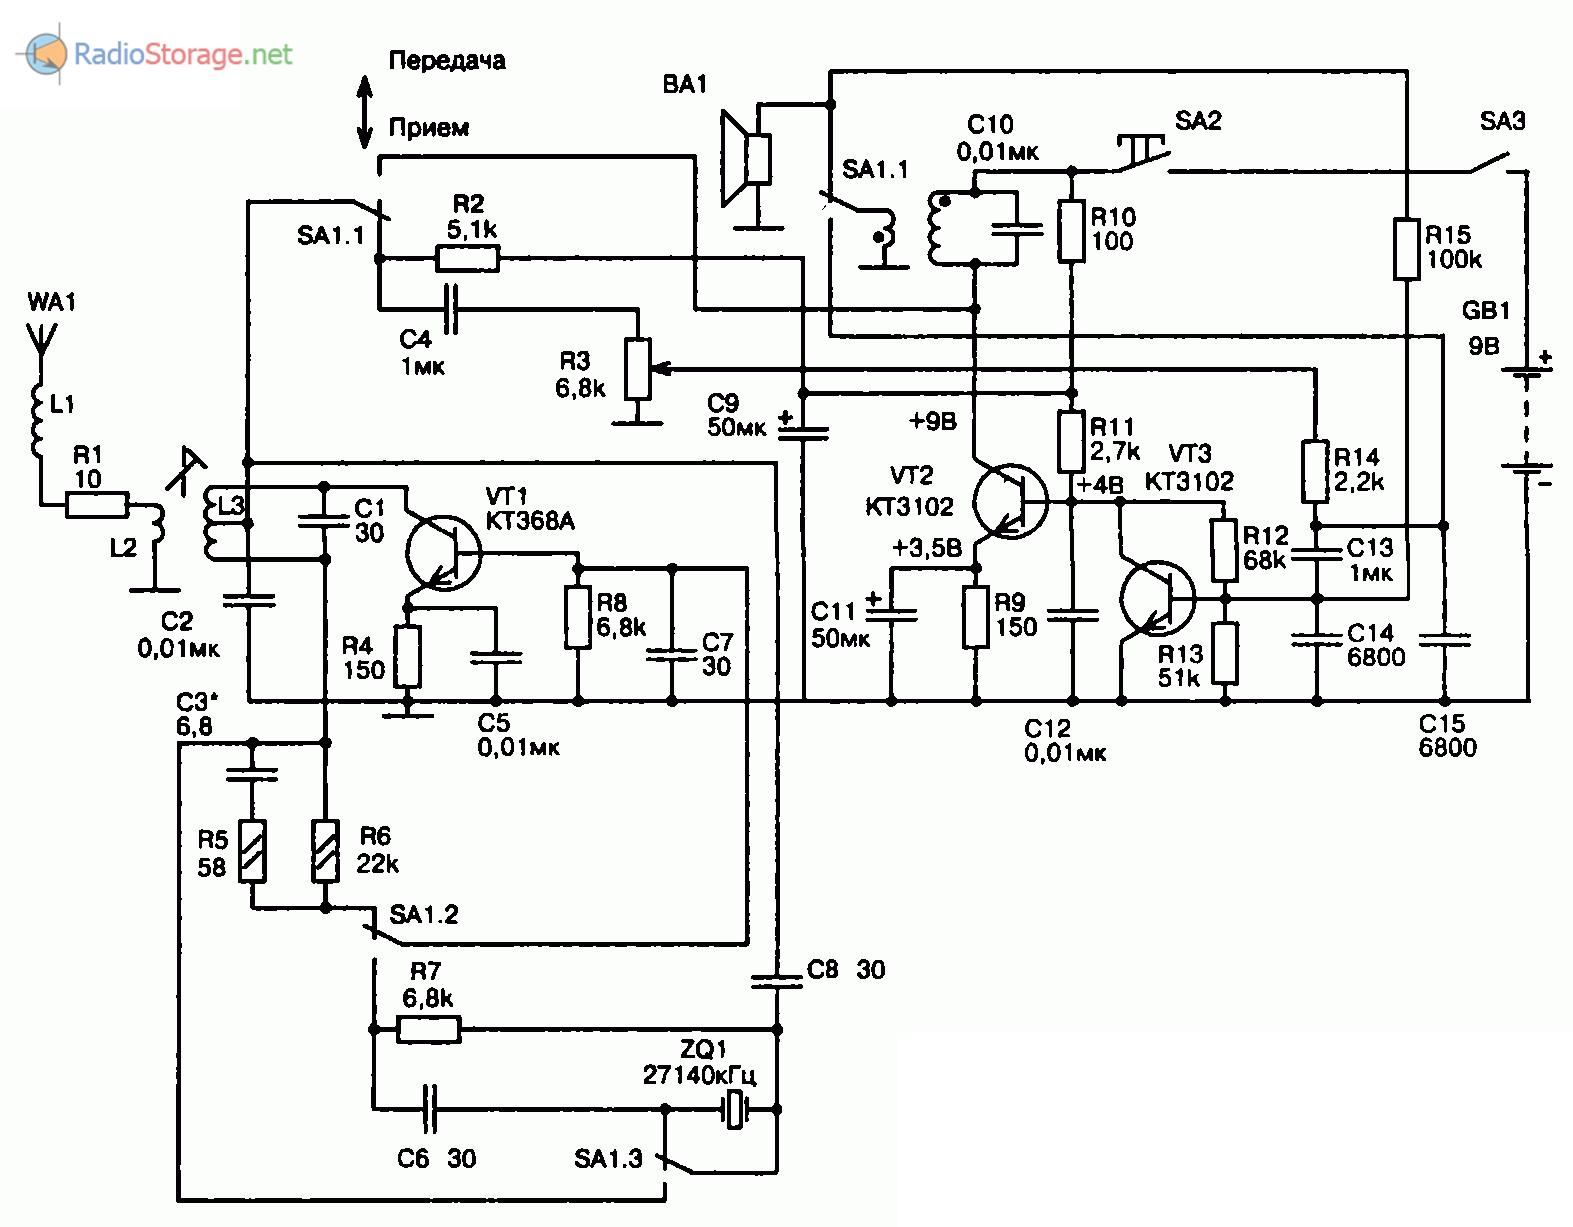 Схема простой радиостанции на трех транзисторах (27,140 МГц)